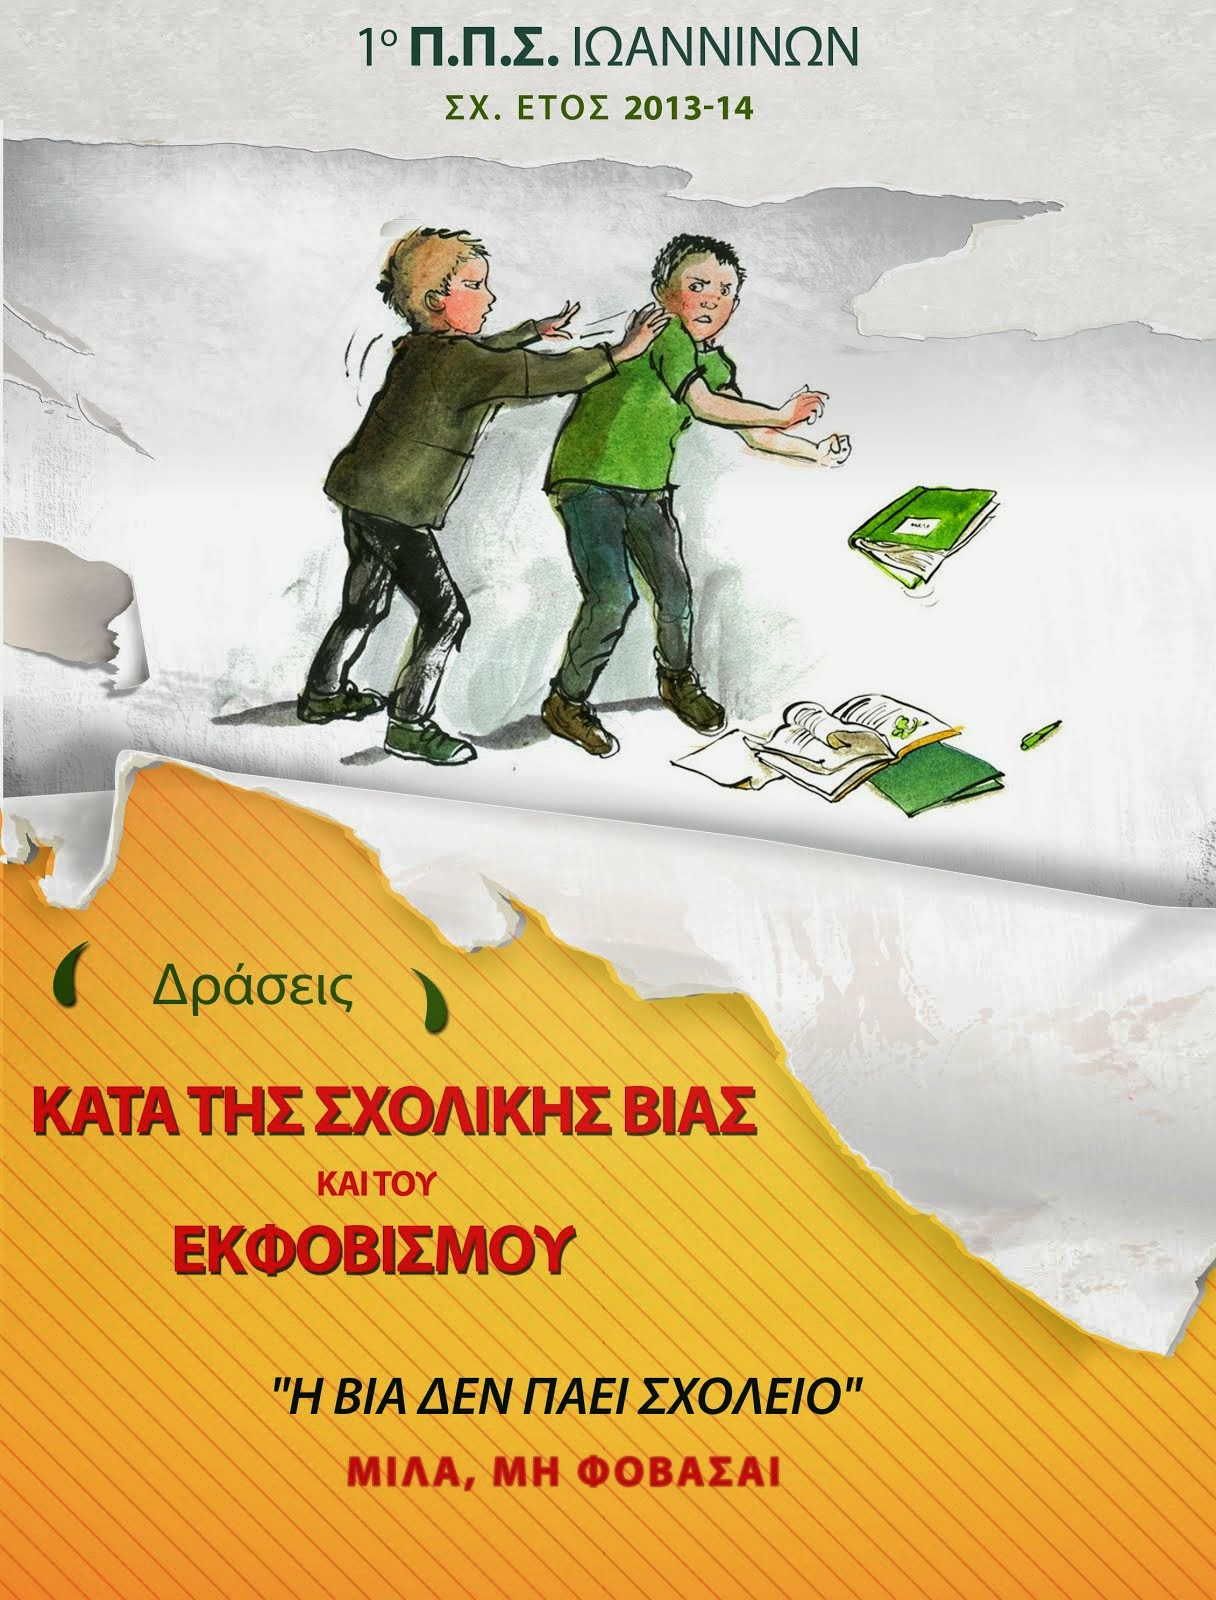 Η αφίσα για τις δράσεις κατά της Σχολικής Βίας και του Εκφοβισμού